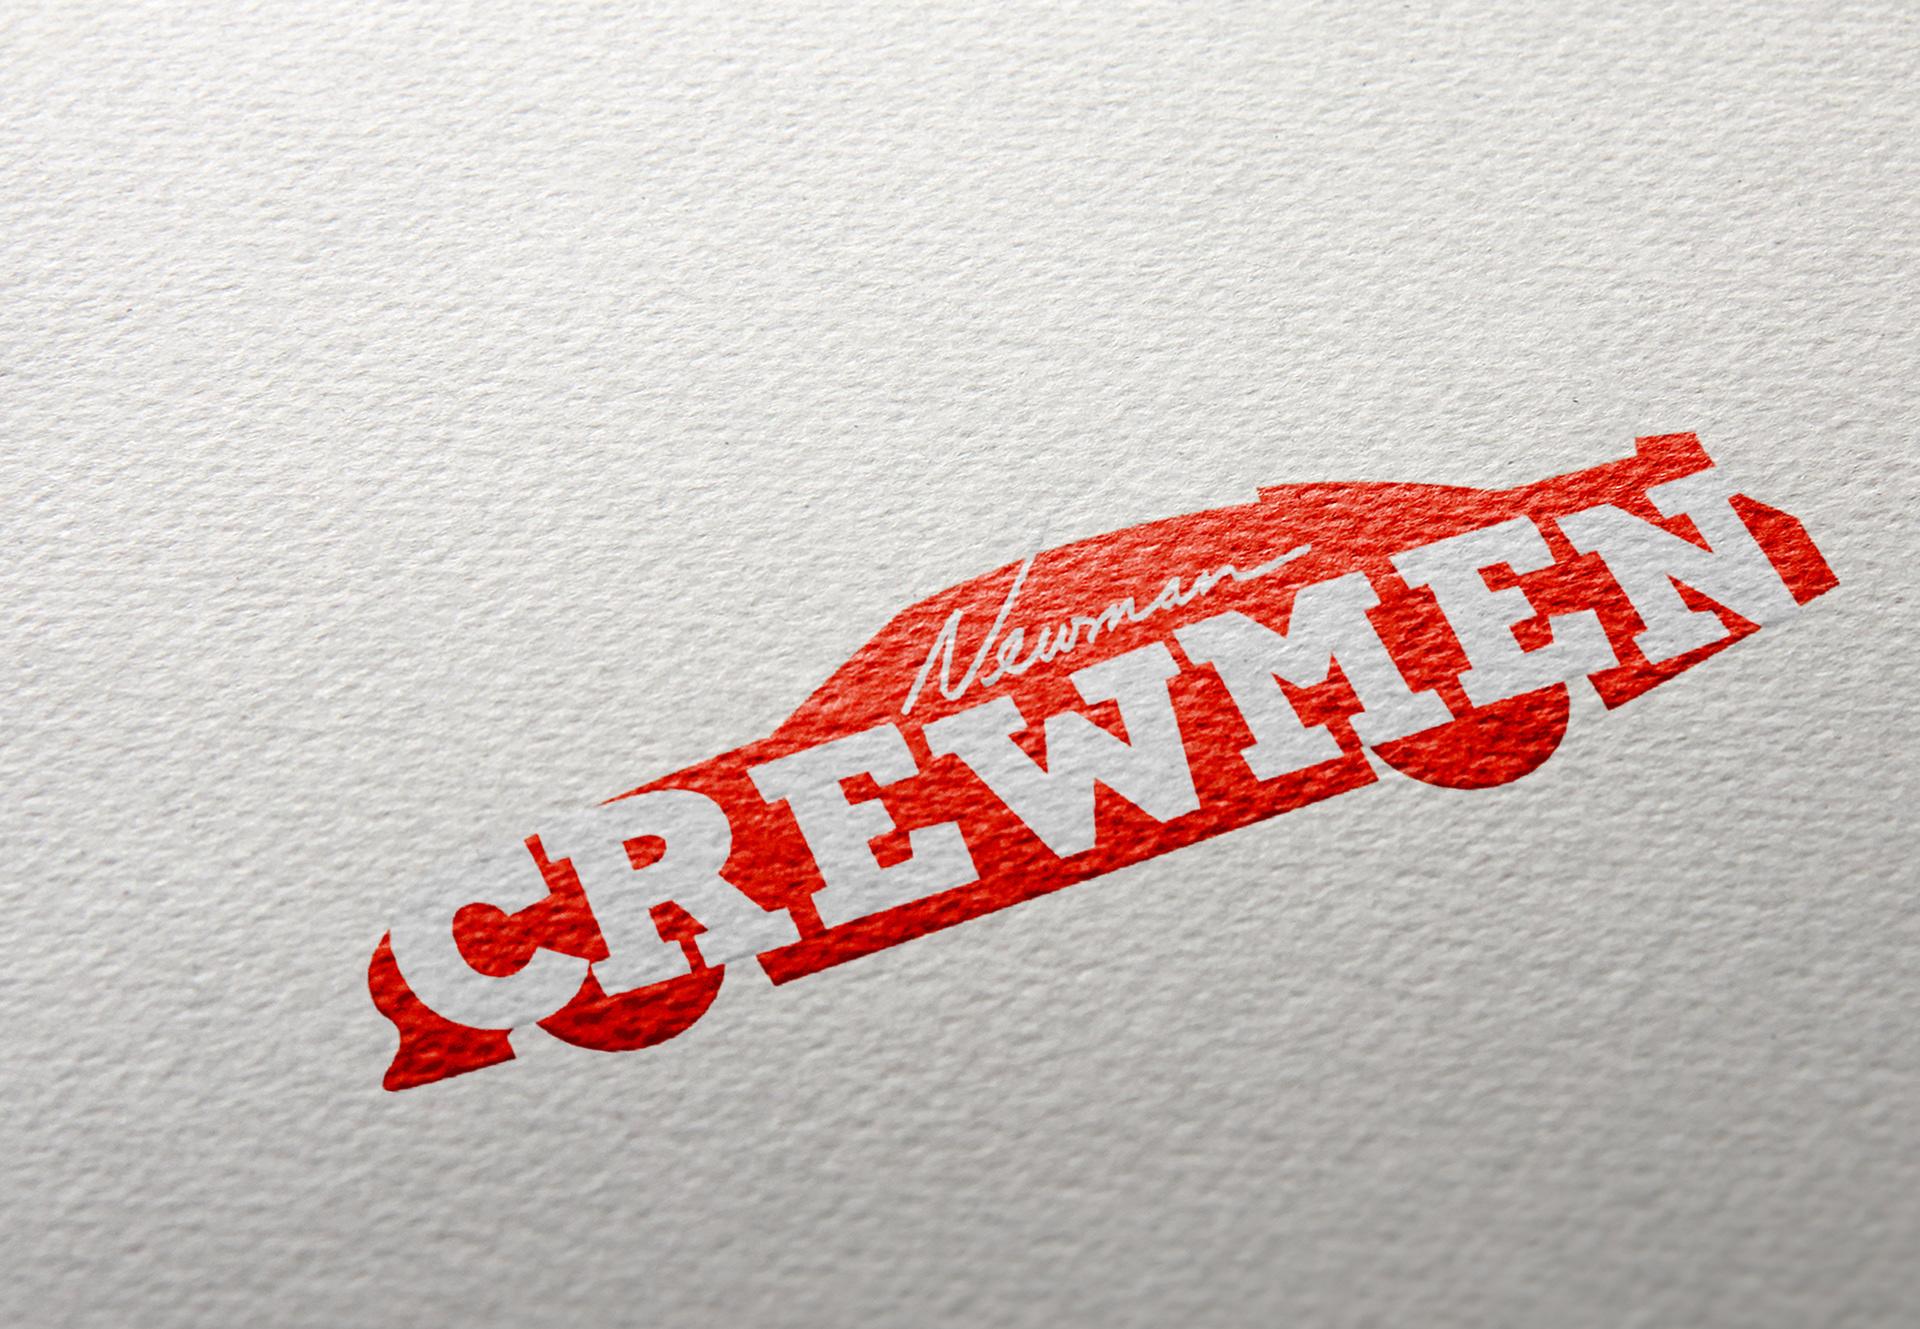 Newman Crewmen